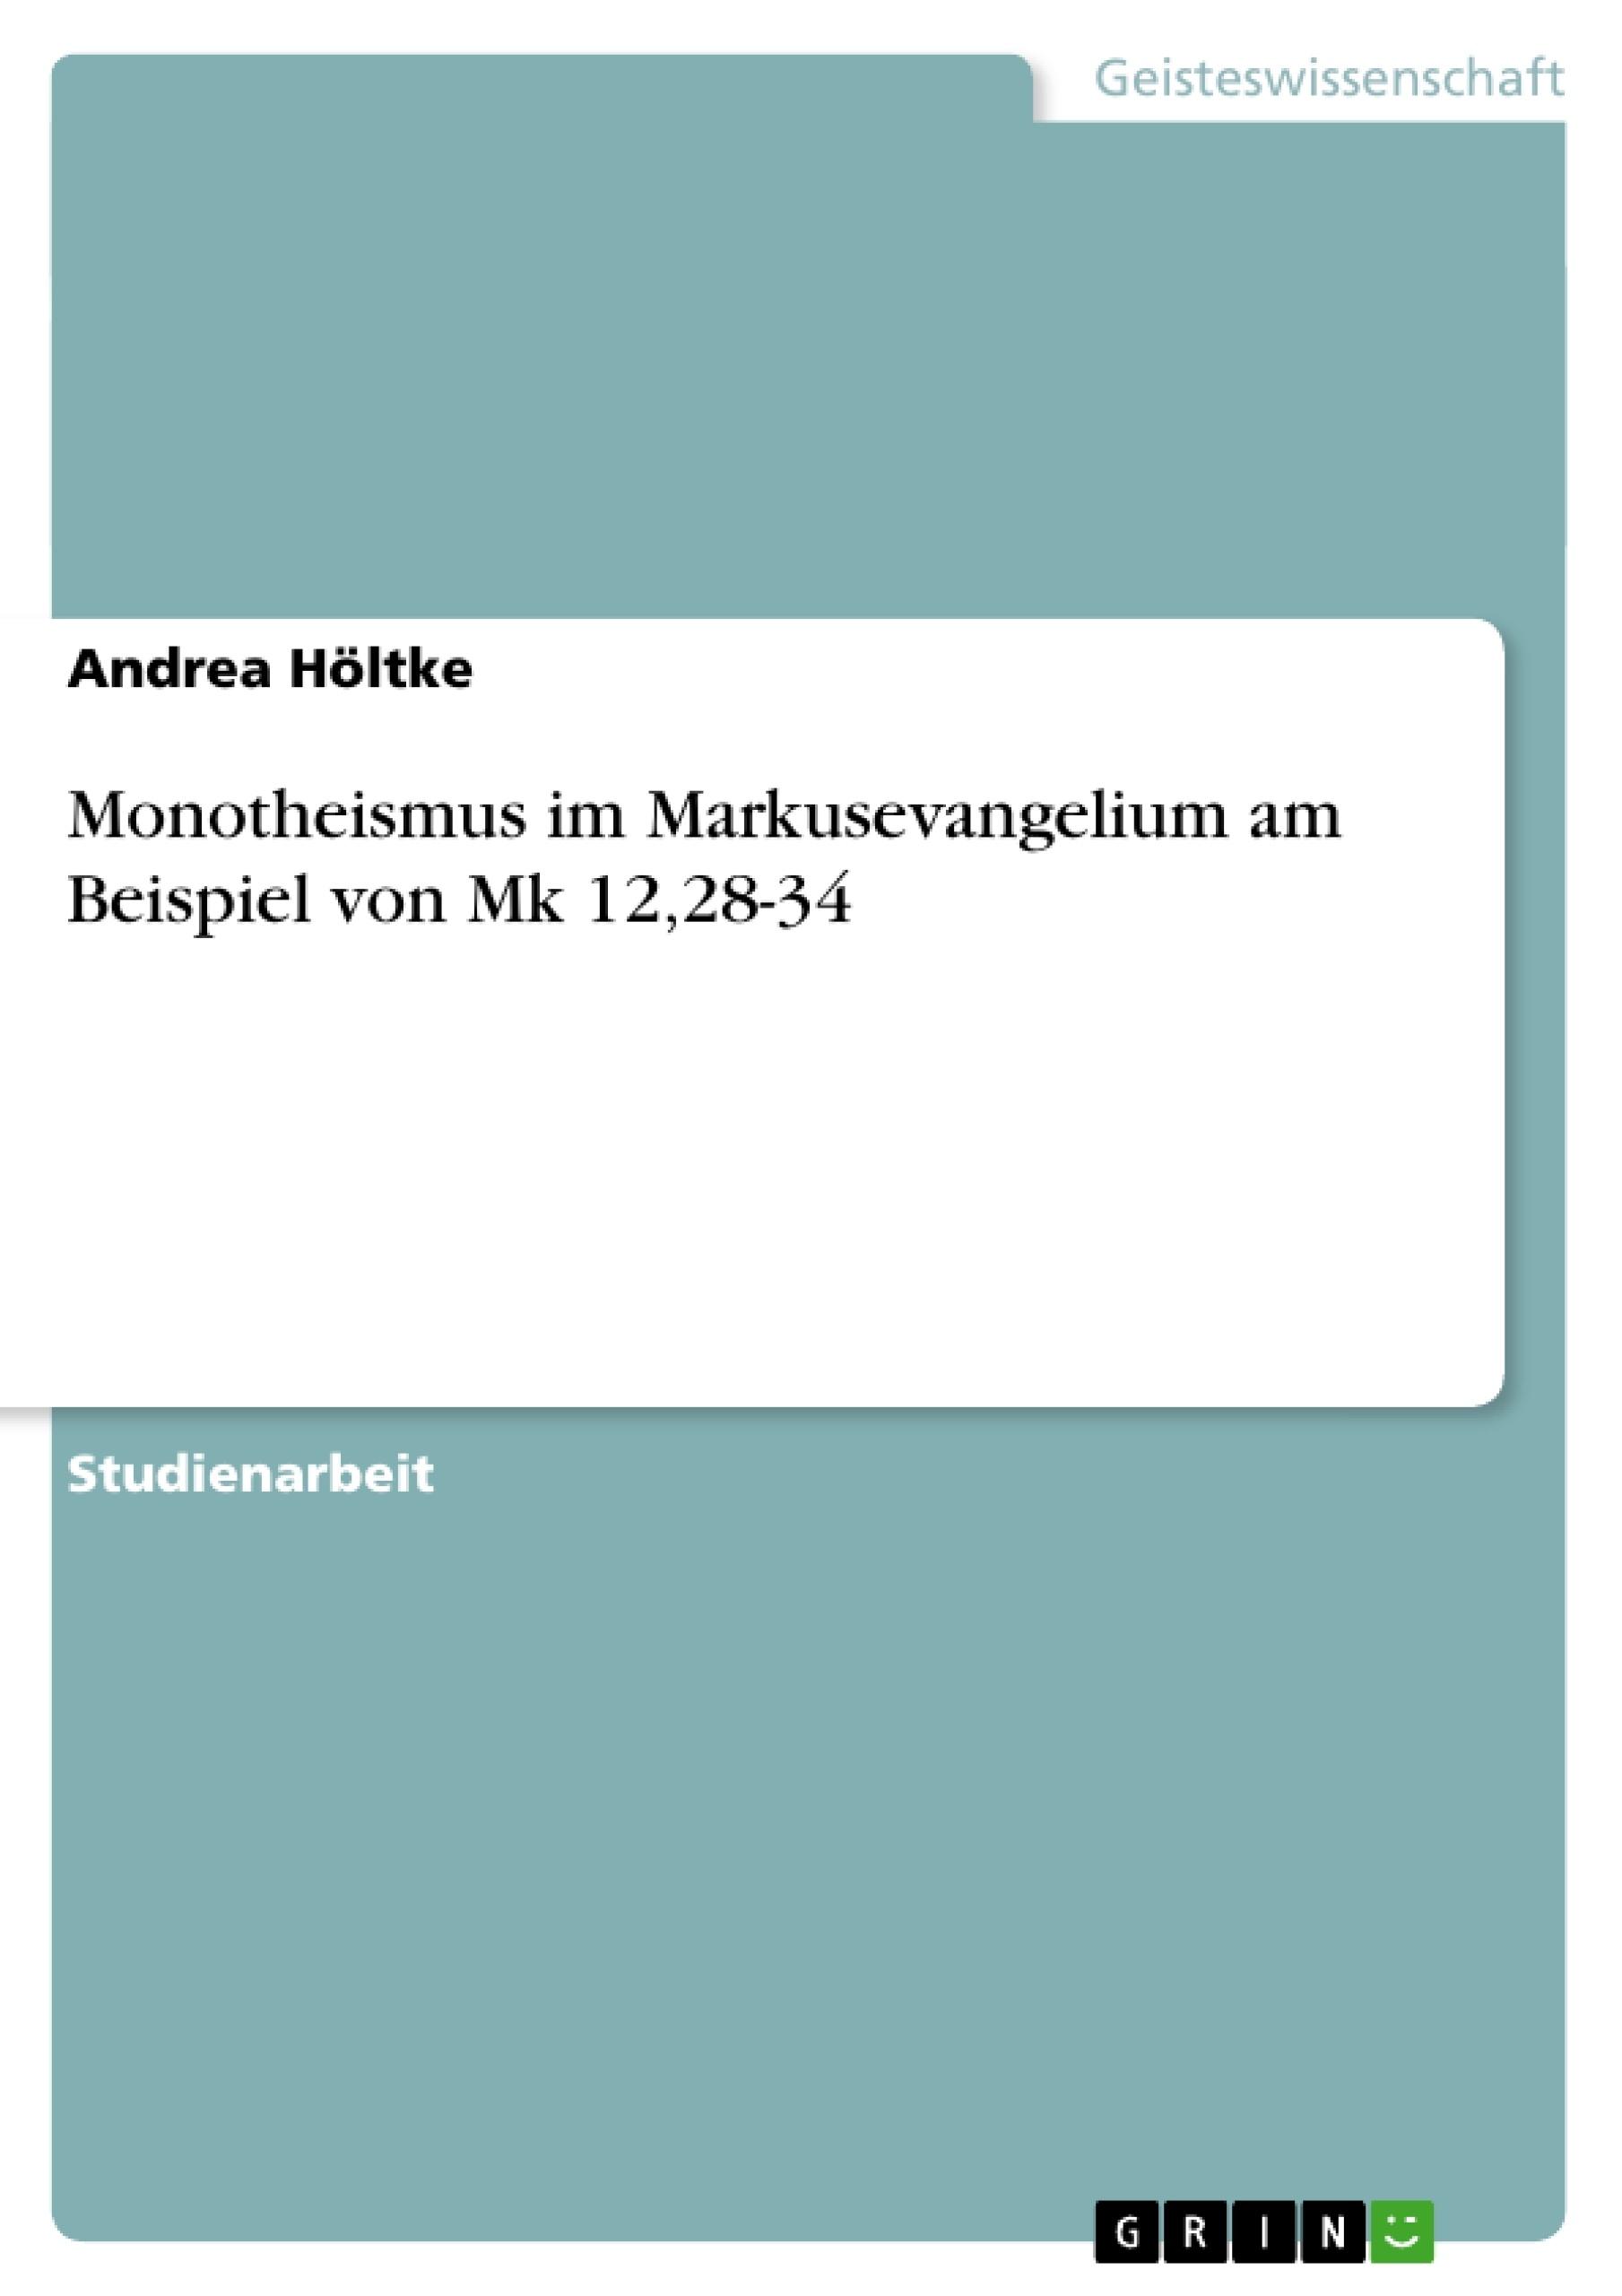 Titel: Monotheismus im Markusevangelium am Beispiel von Mk 12,28-34